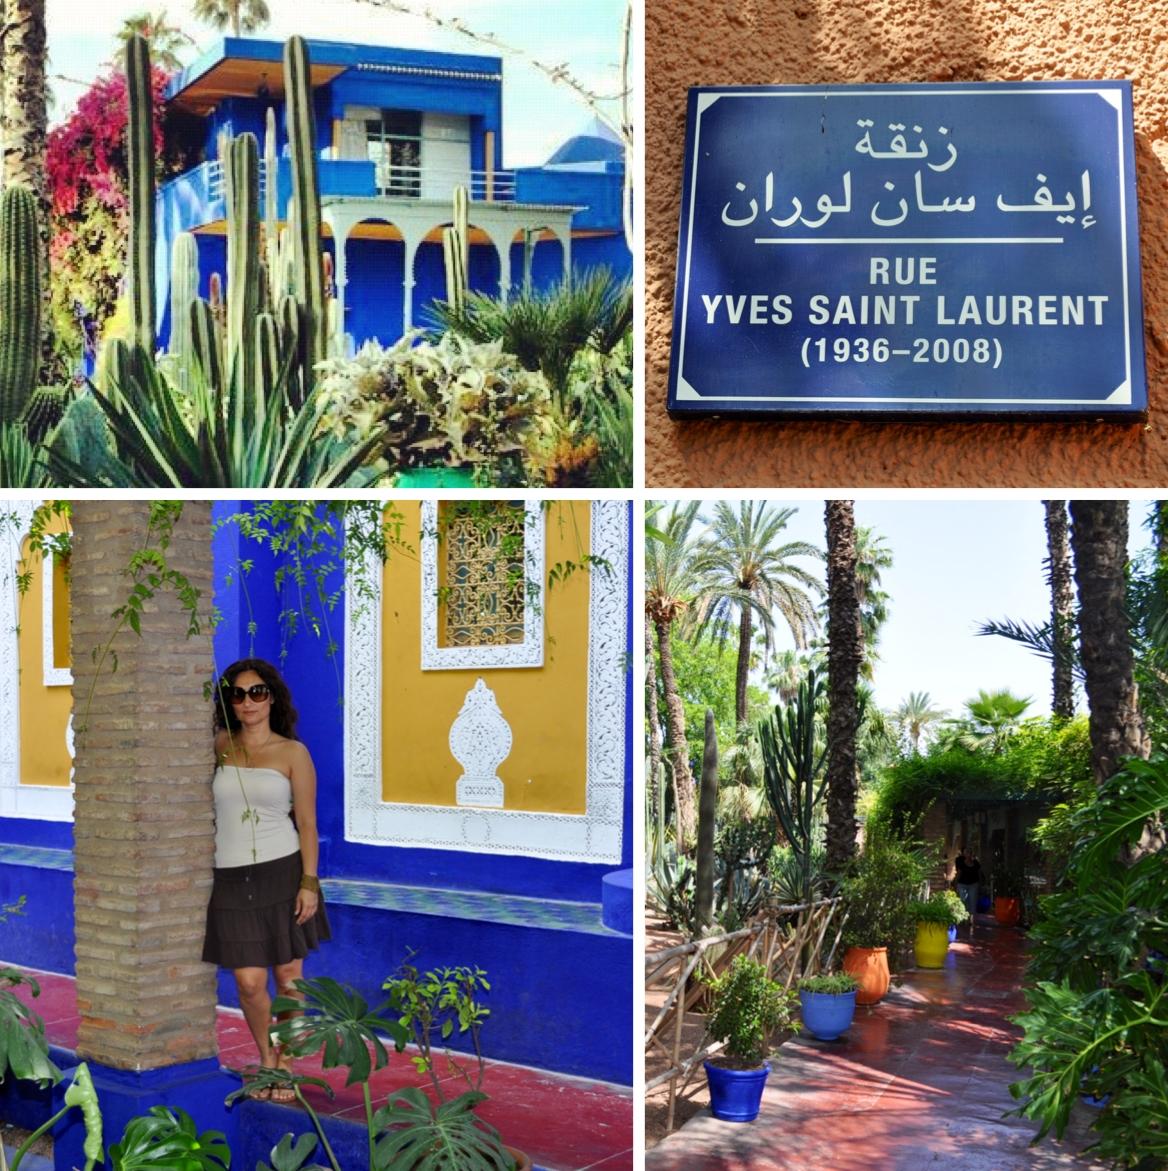 Jardin Yves Saint Laurent Marrakech: Yves Saint Laurent's Majorelle Garden